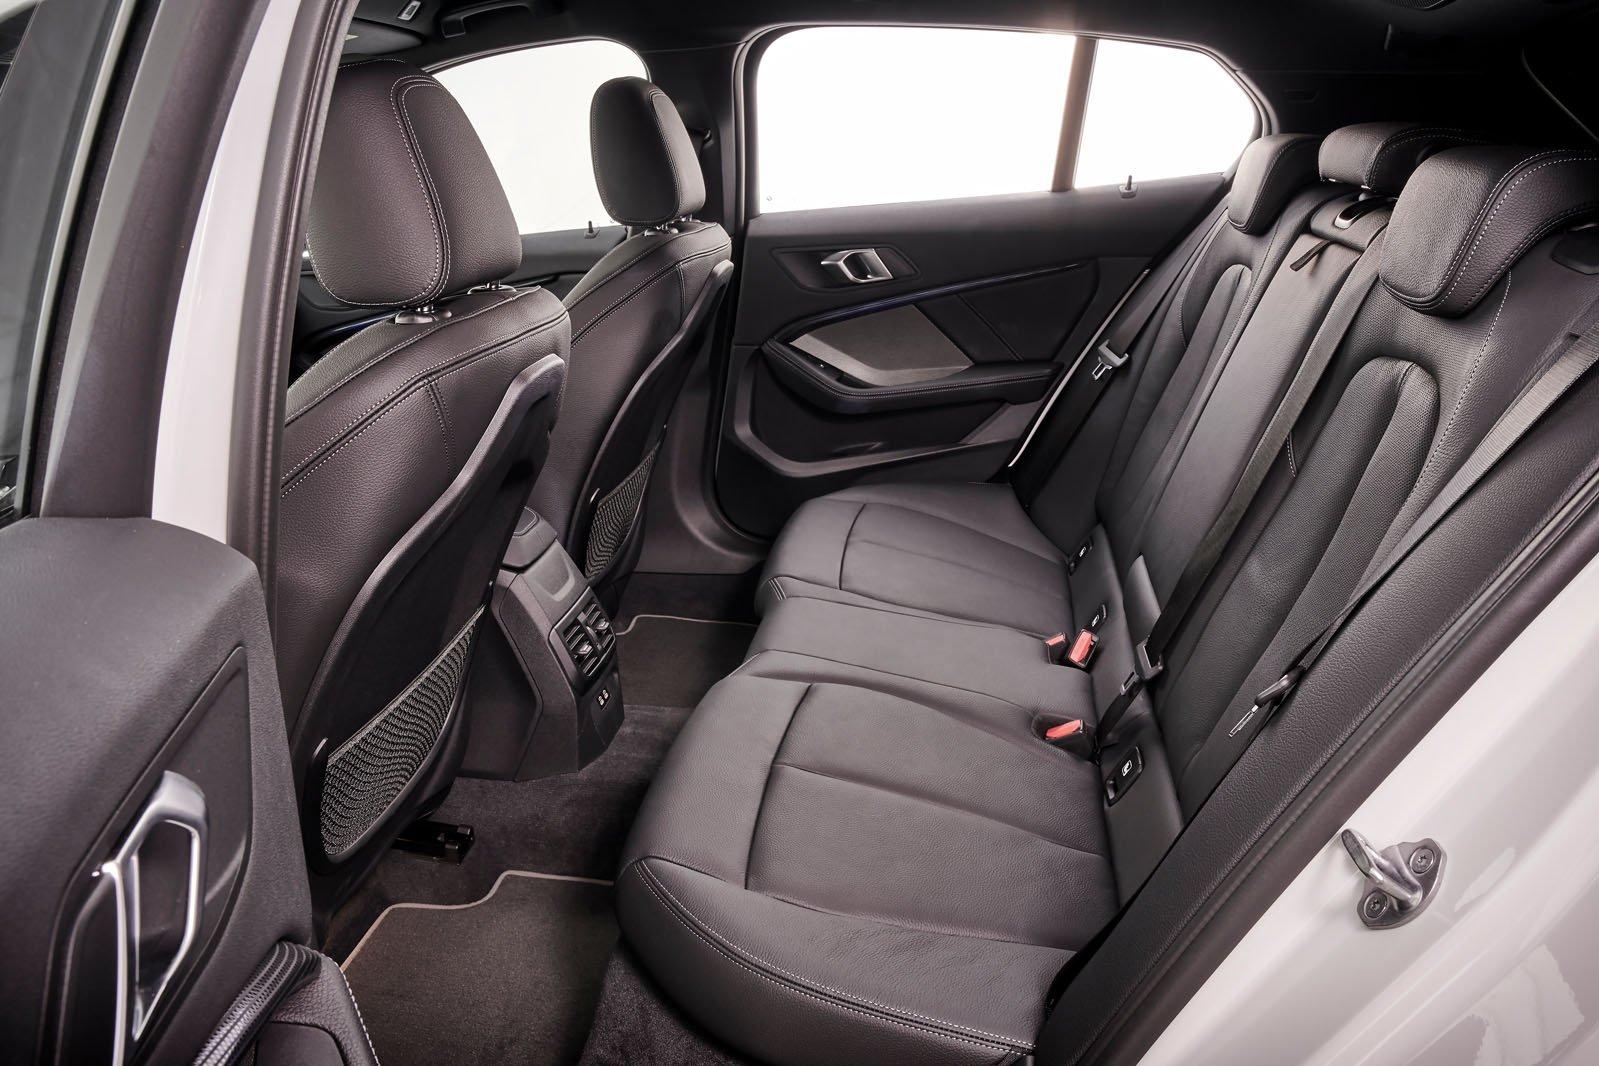 BMW 1 Series 2019 LHD rear seats